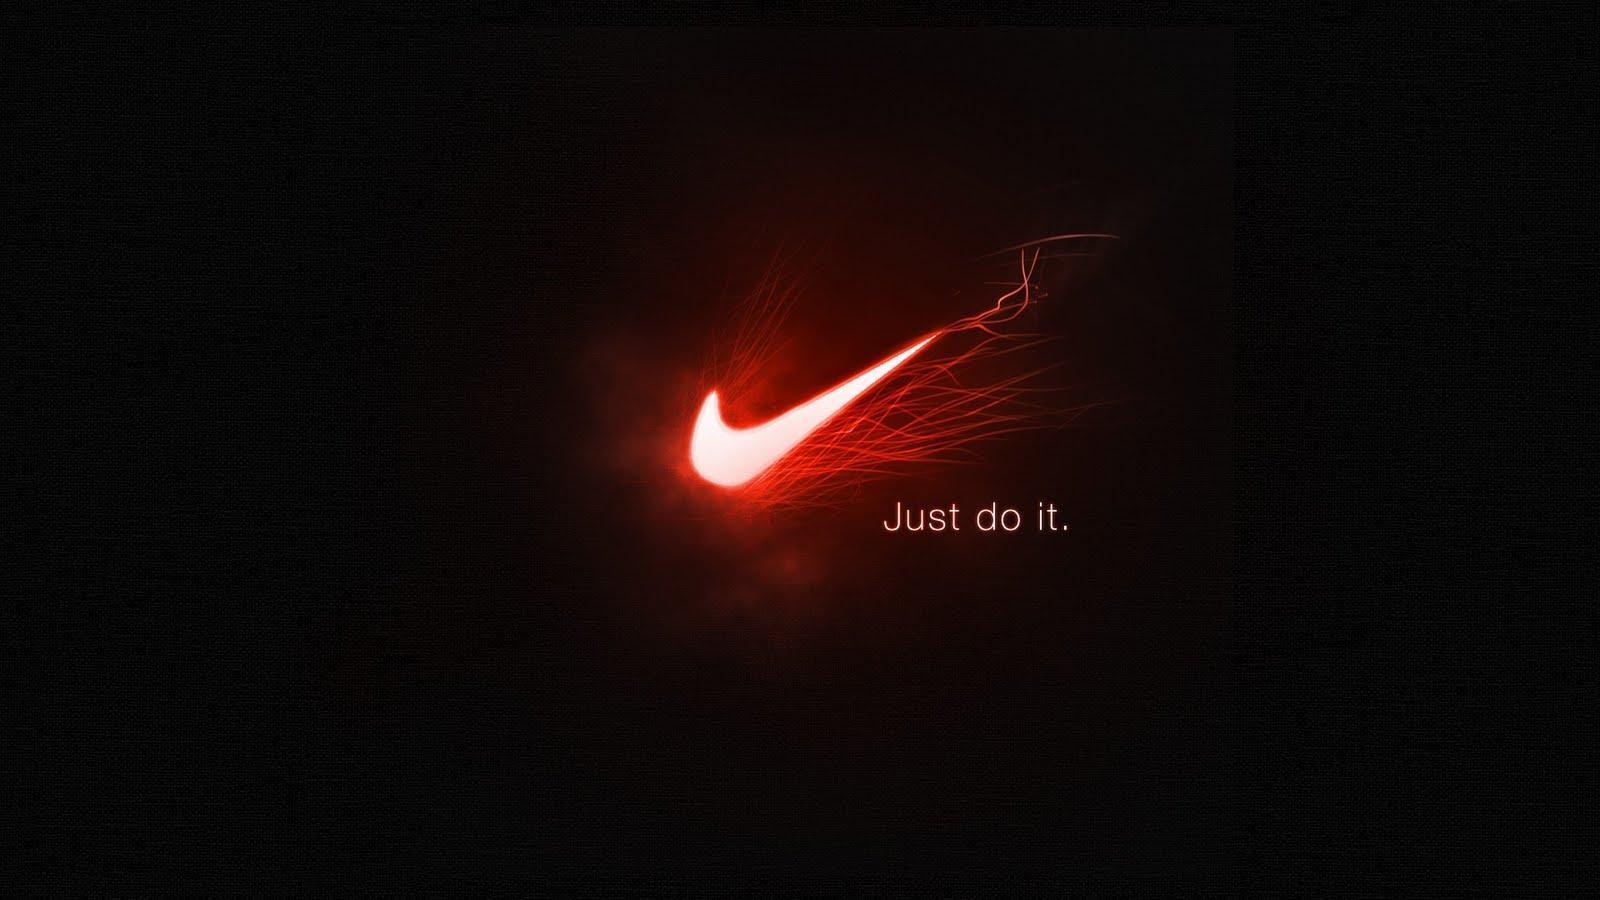 best ideas about Nike wallpaper on Pinterest Nike logo